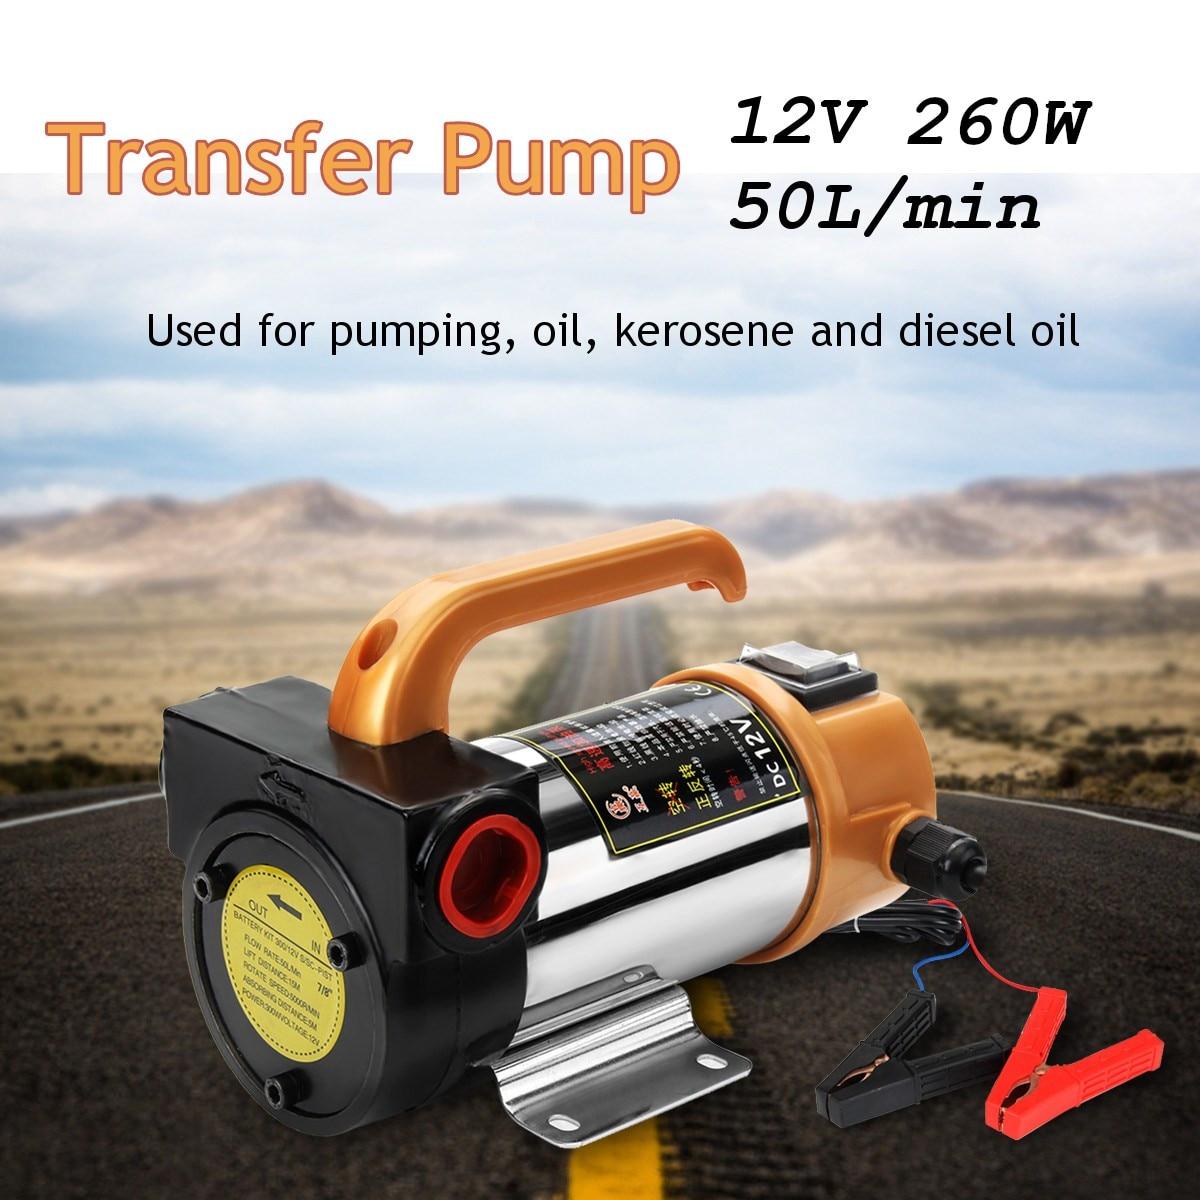 12V 260W Motore di Automobile Portatile per il Carburante Diesel Pompa di Trasferimento di Olio Autoadescante Pompa Olio 50L/Min